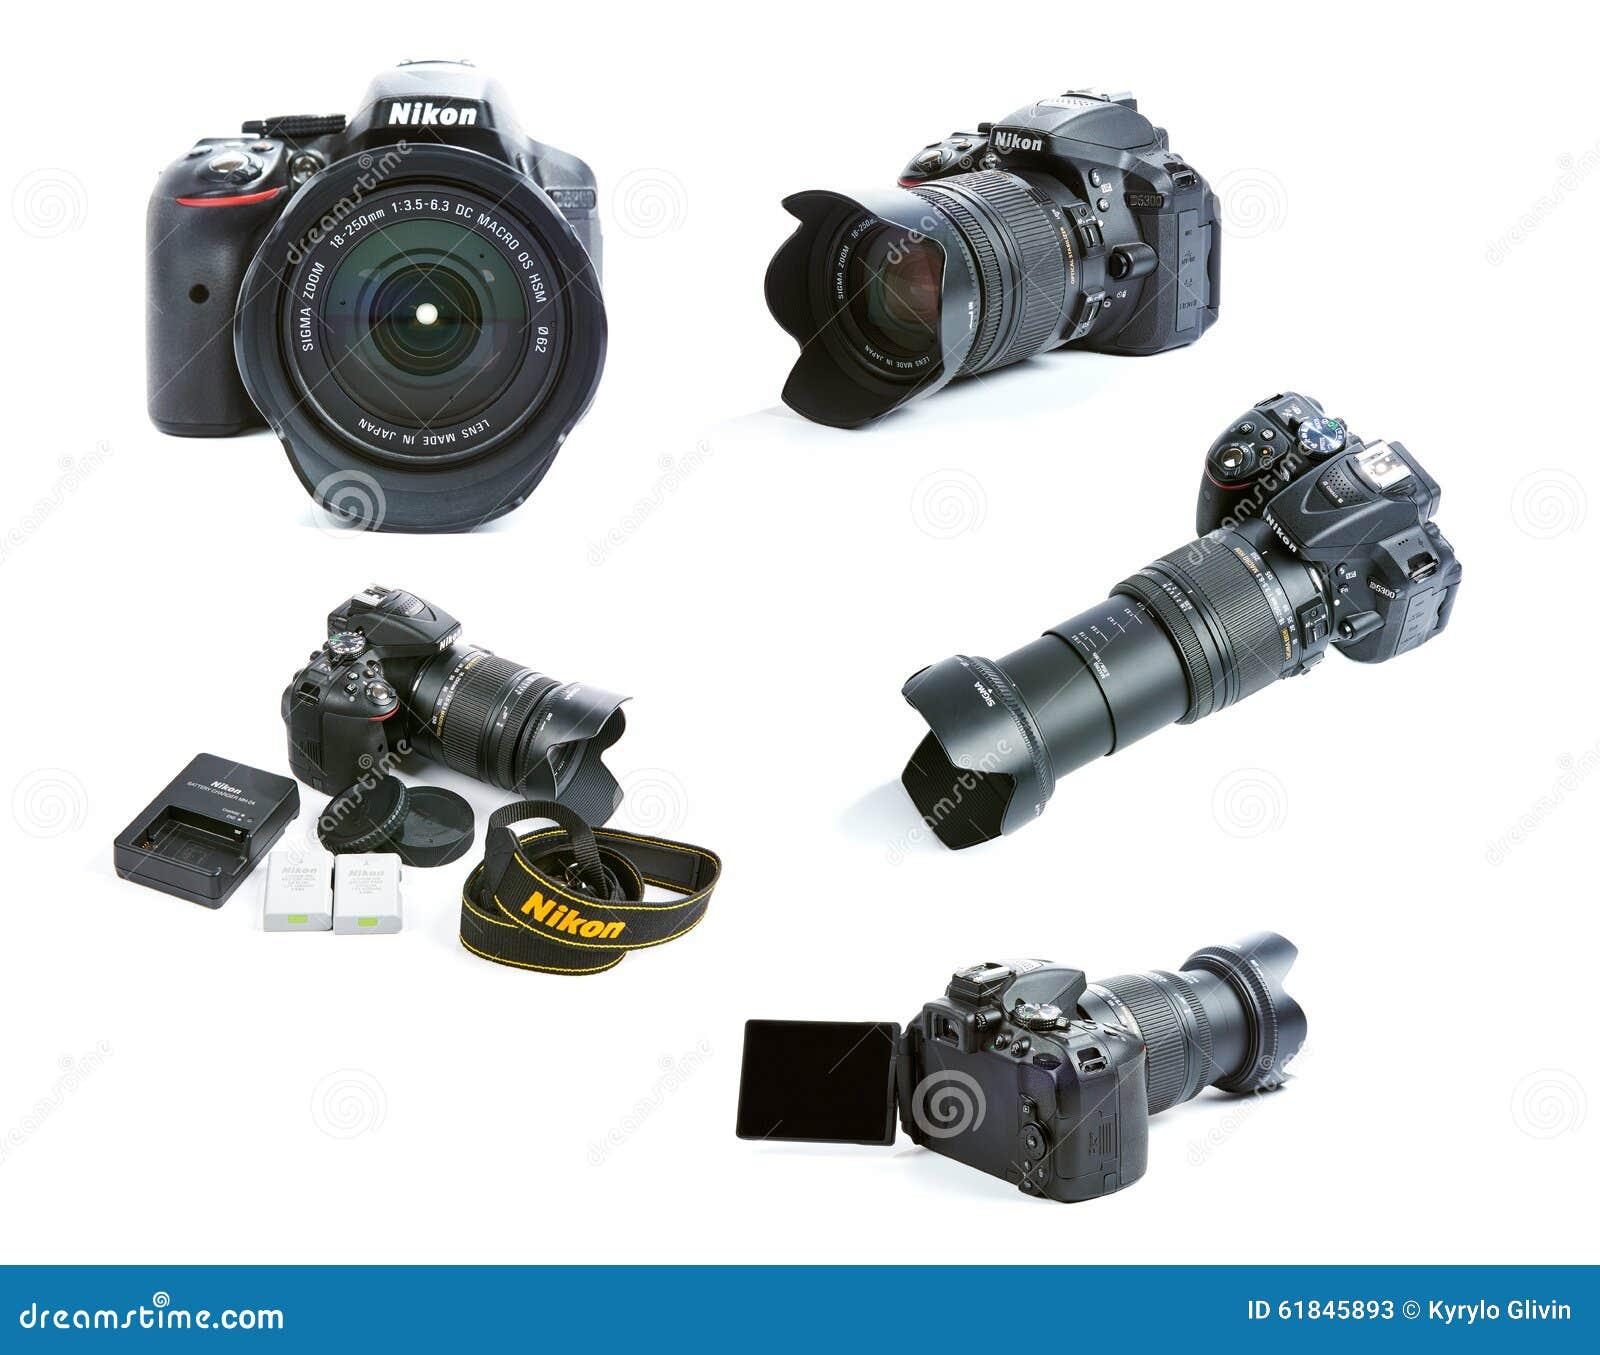 尼康D5300 DSLR与徒升斯格码透镜、电池和充电器的照相机集合映象集